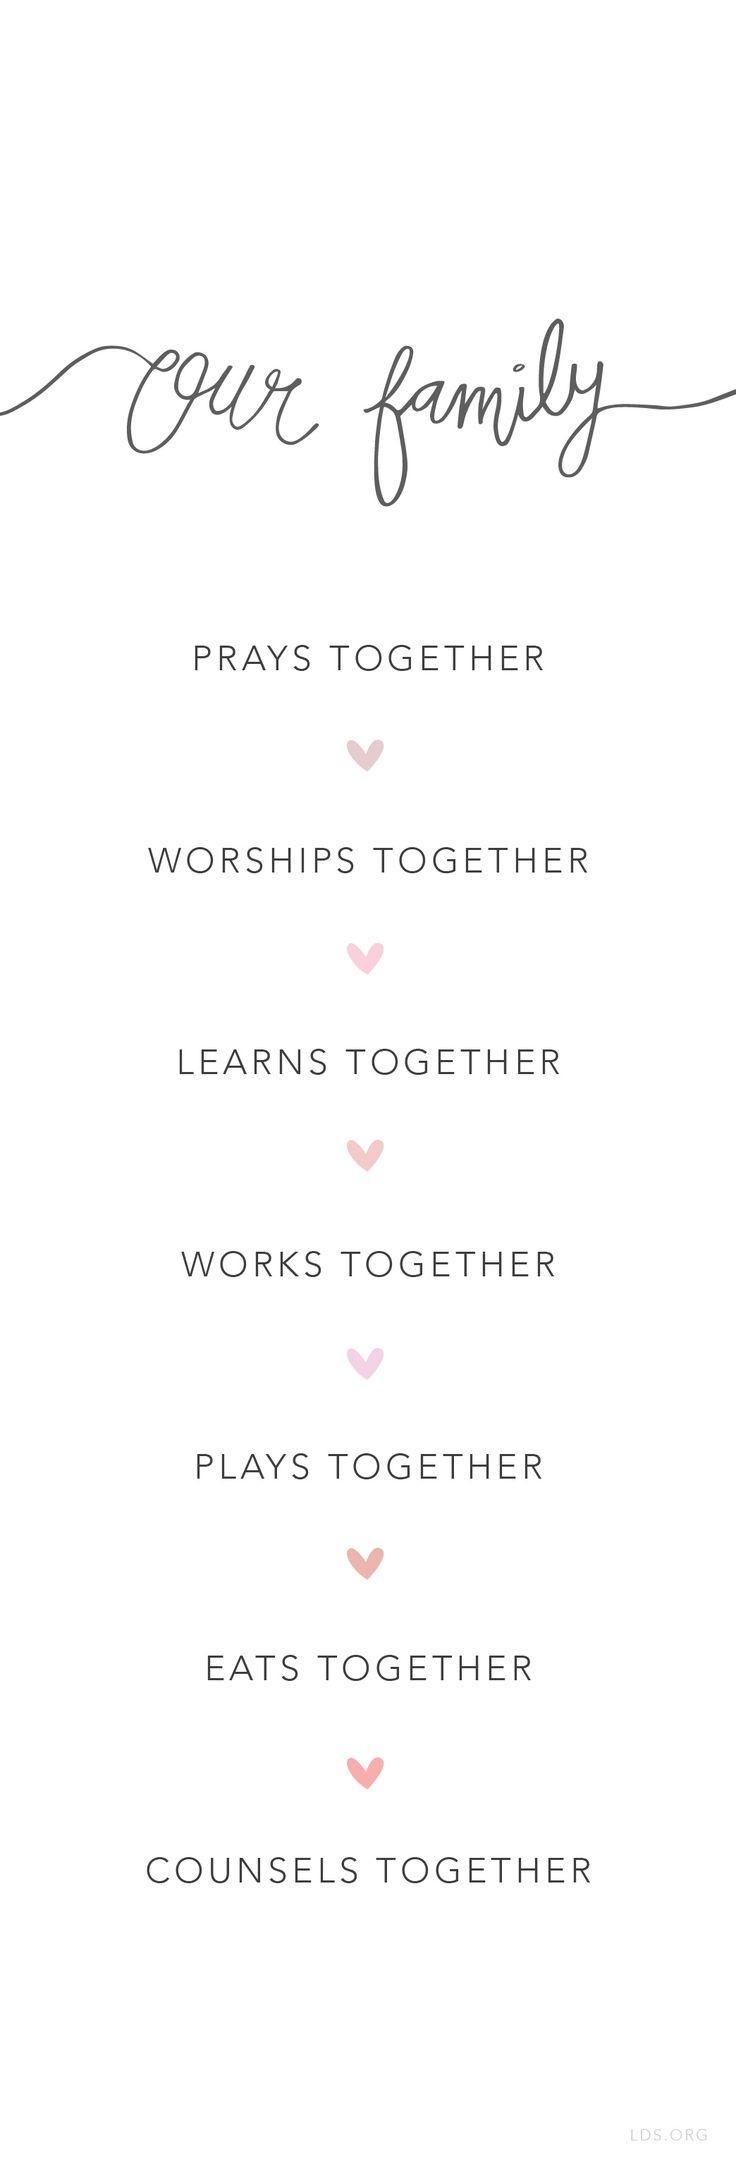 Families should pray together, worship together, study and learn together, work together, play together, counsel together, eat together, record traditions together. #LDS